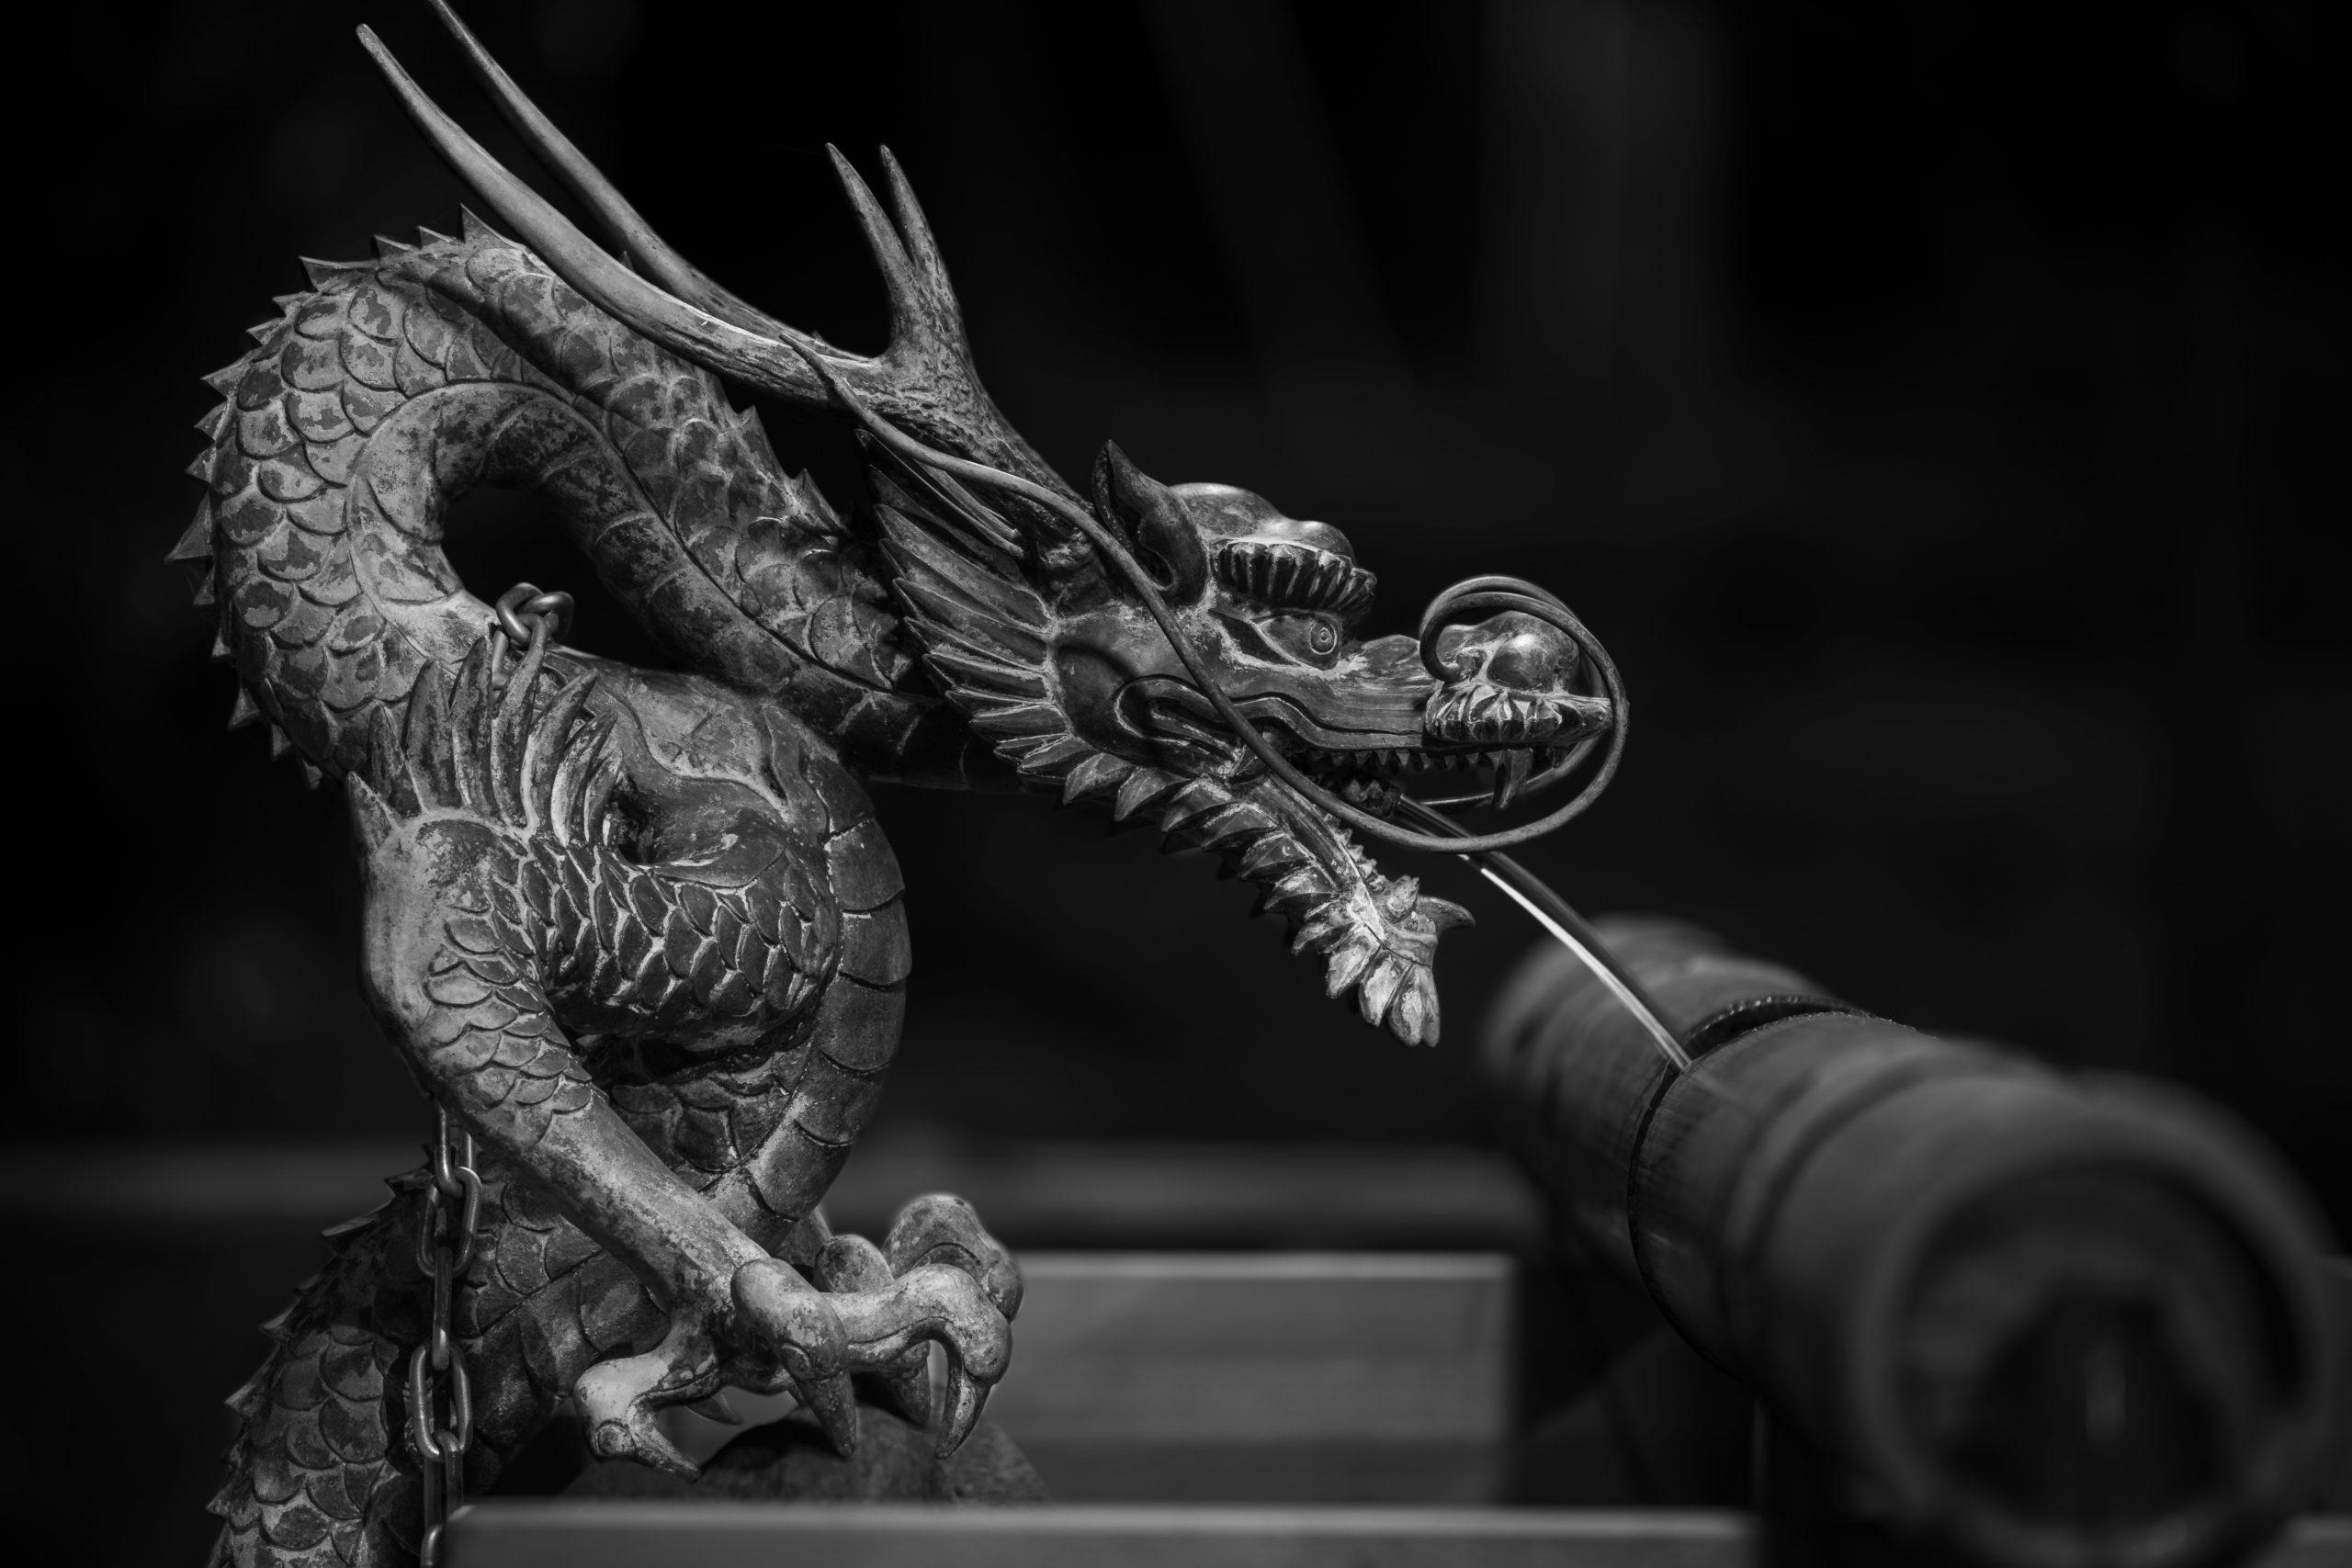 神鋼神社の手水舎(ちょうずや)の龍